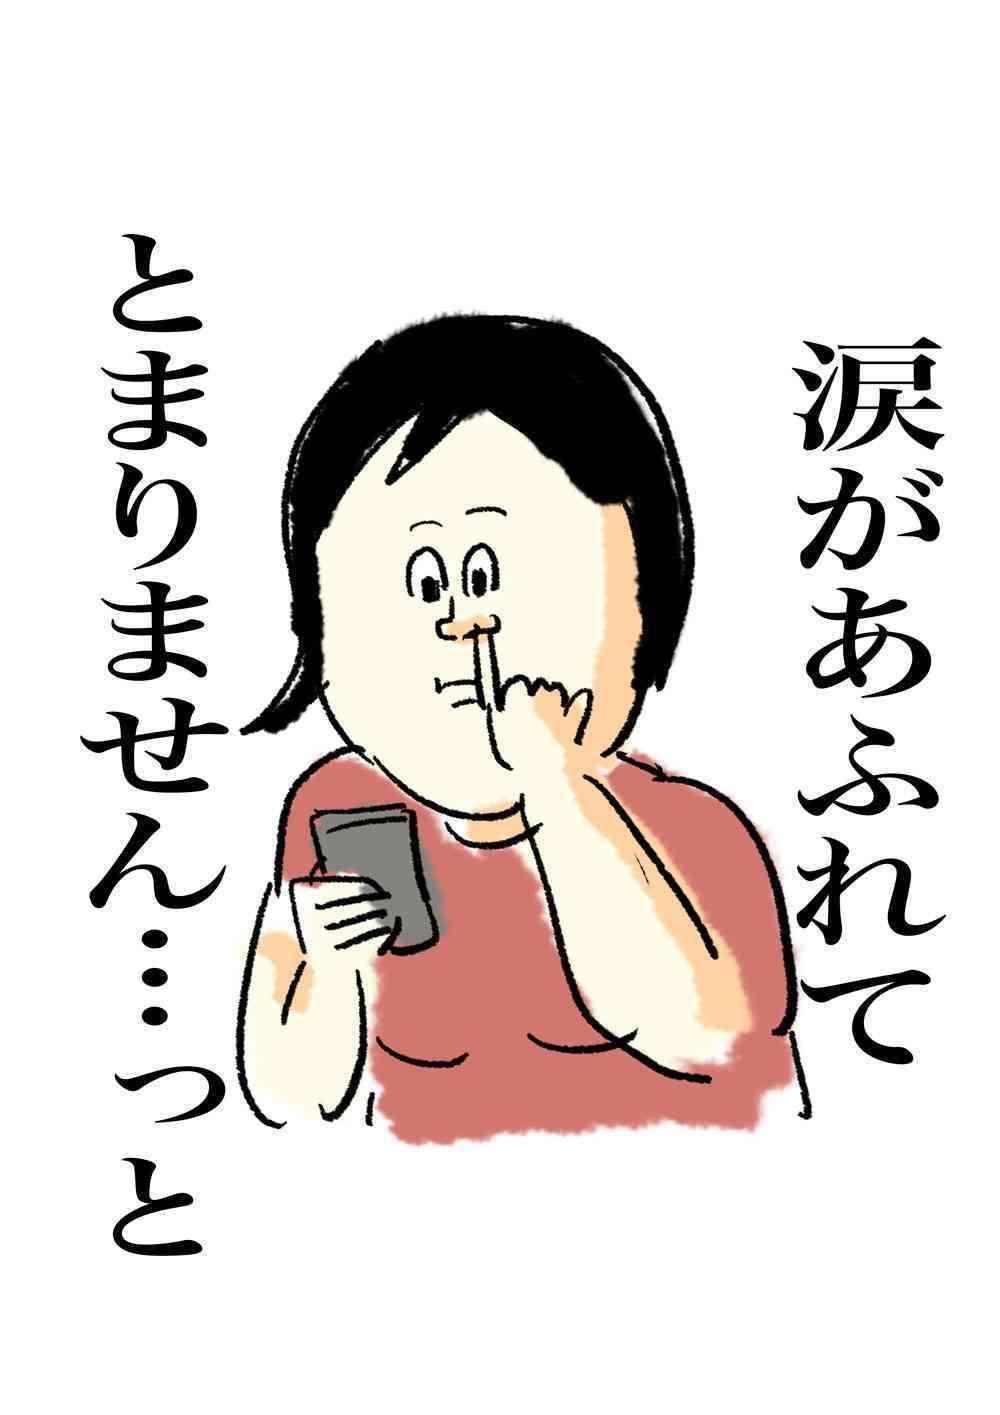 ノンスタ井上裕介、処分決定後に謝罪会見へ